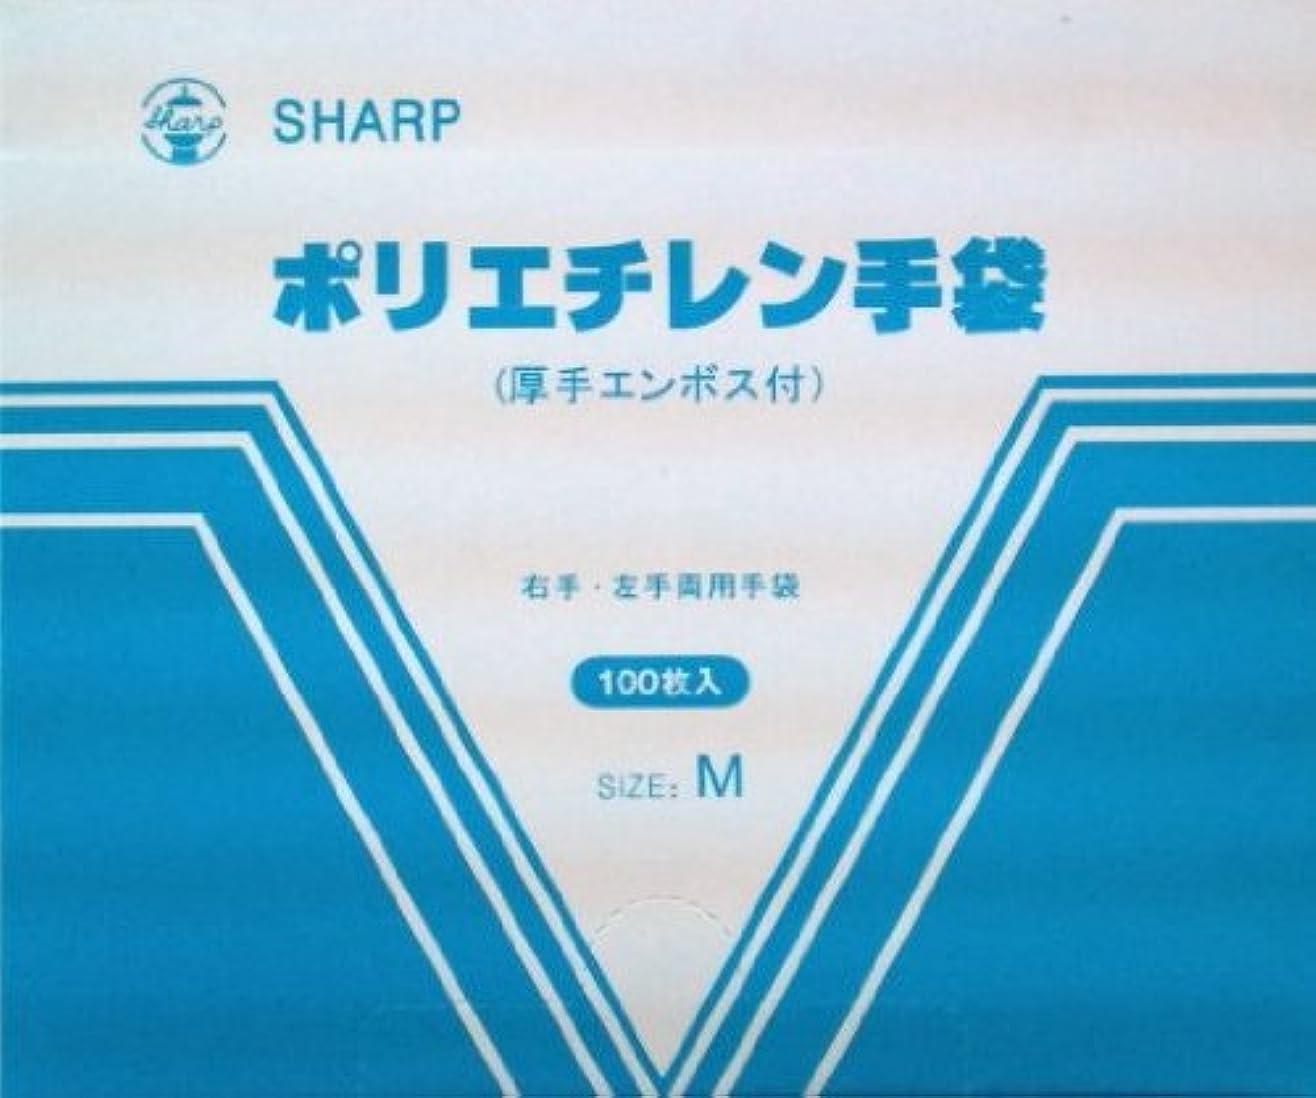 隔離歩くプラスチック新鋭工業 SHARP ポリエチレン手袋 左右兼用100枚入り Mサイズ 100枚入り